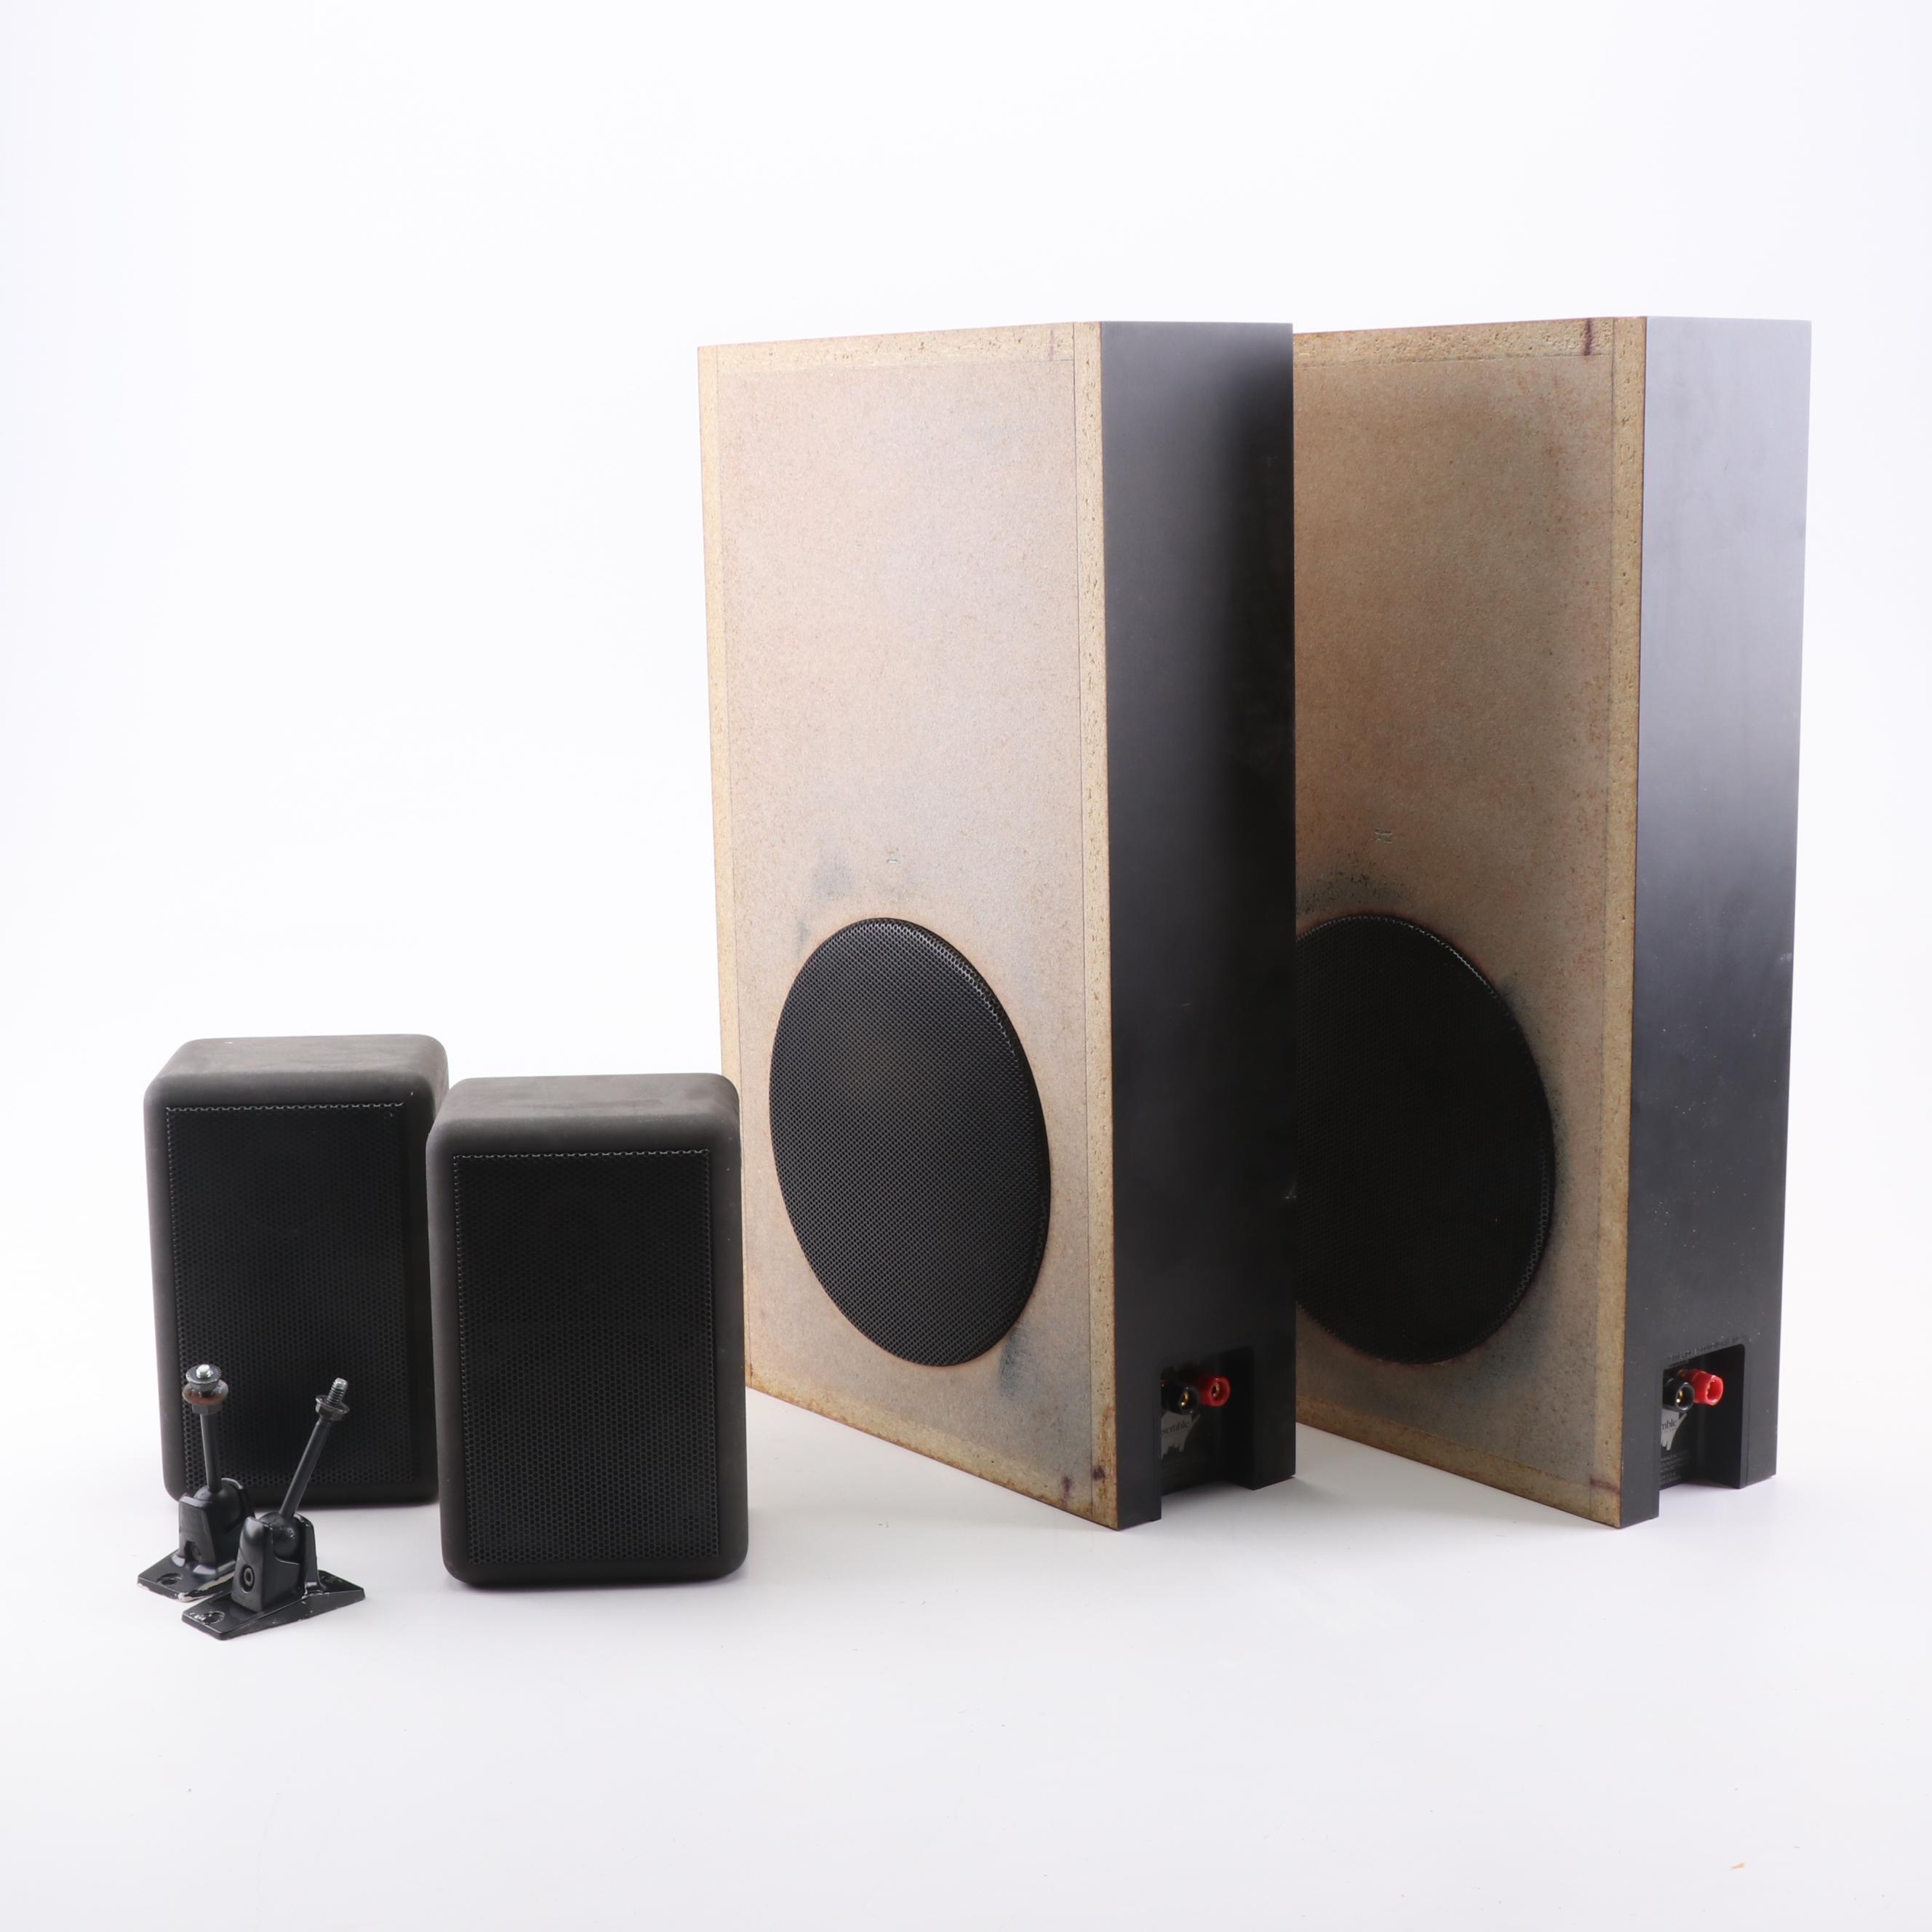 Ensemble By Henry Kloss Speakers